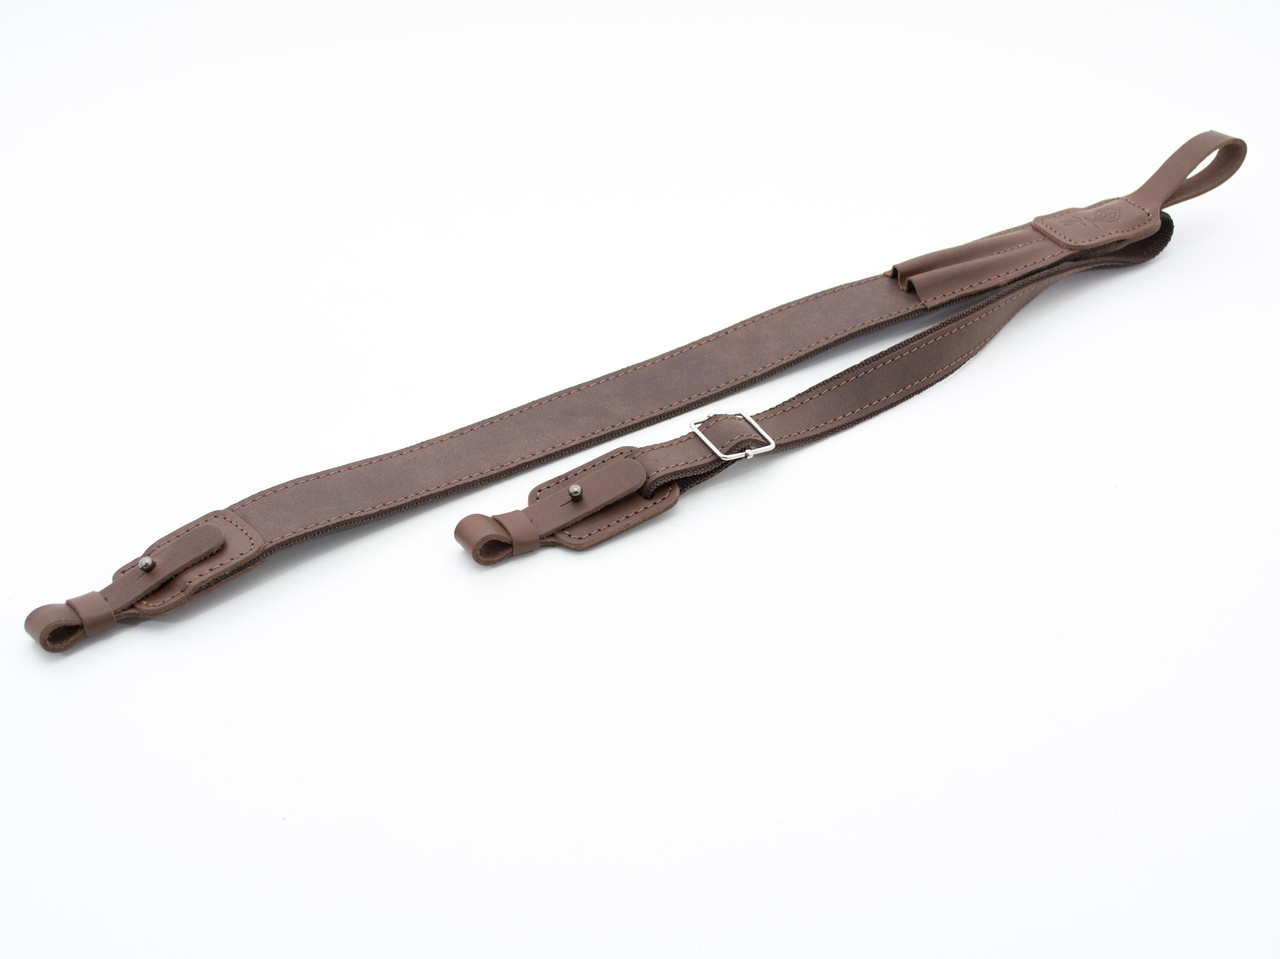 Ремень на ружье с подсумком на 2п. нарезные кожа Ретро коричневый 10108/2